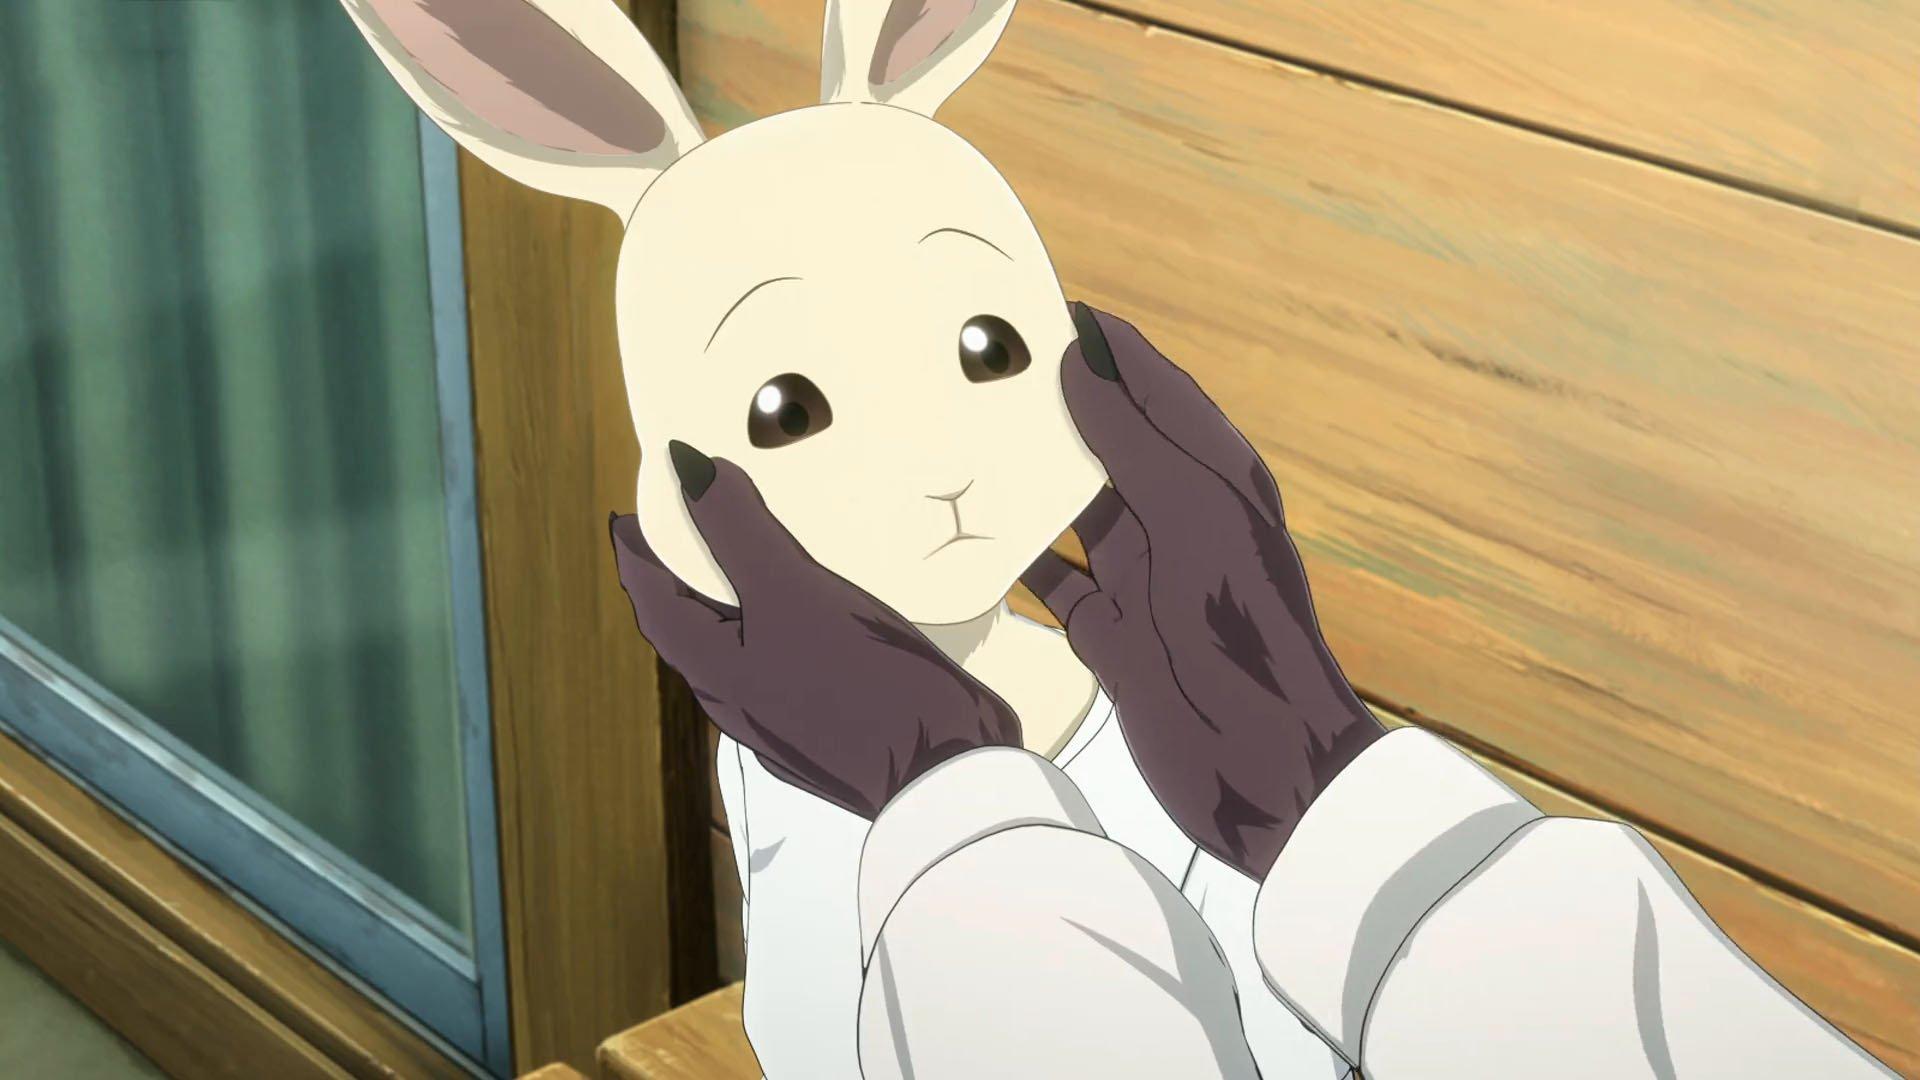 Imagen tomada del anime 'Beastars' con un primer plano del rostro de Haru entre las manos de Juno.